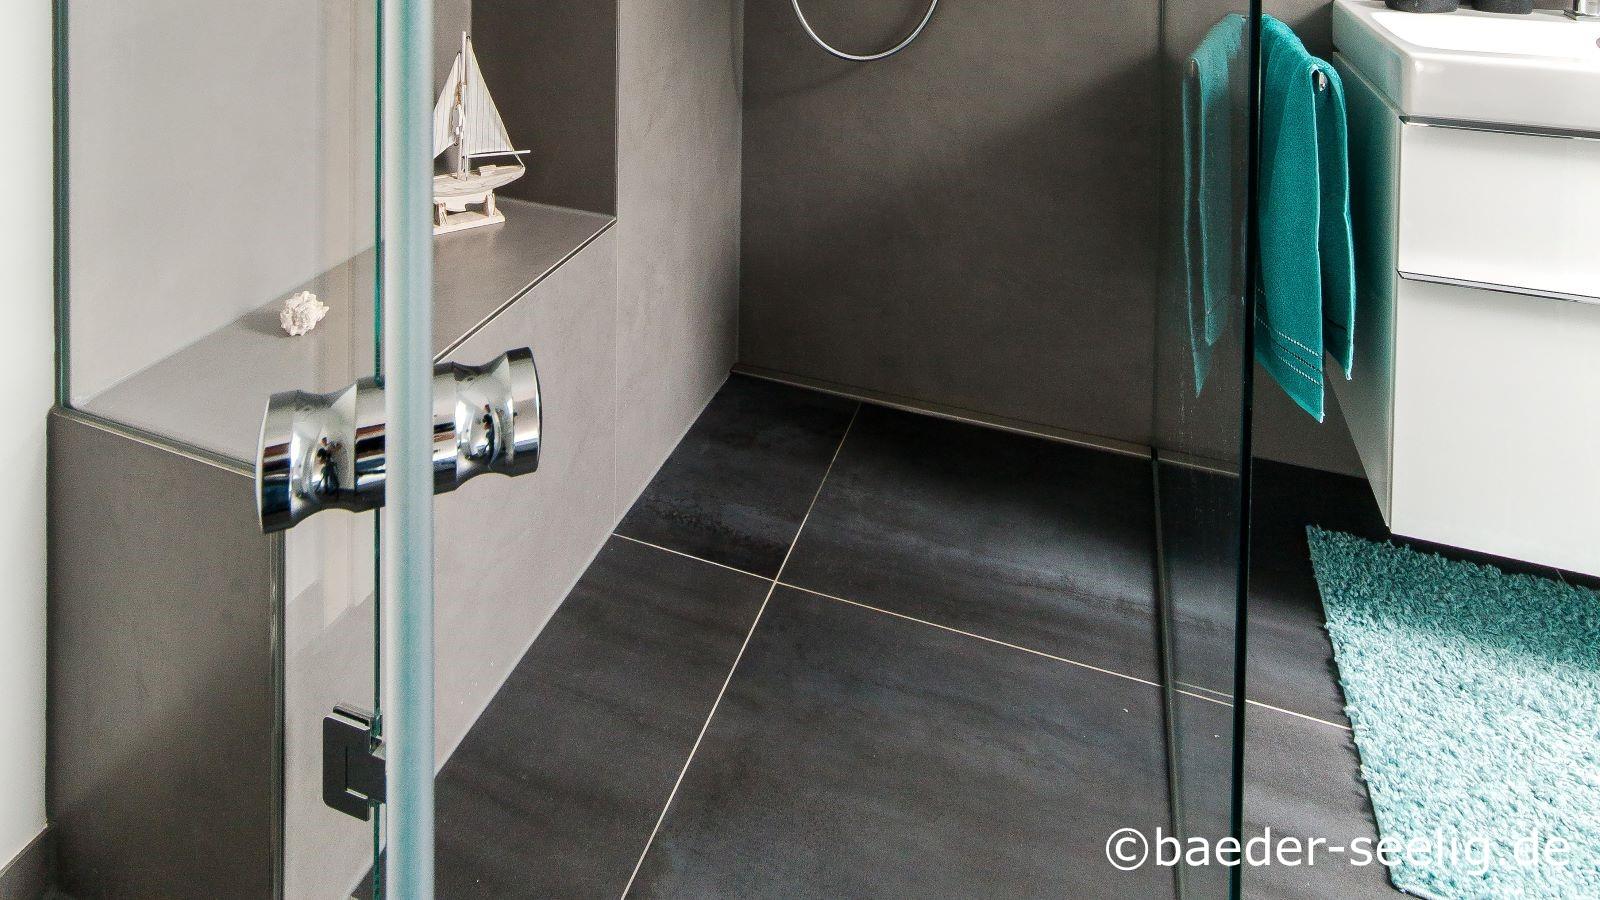 Im altbau trotz holzbalken im boden ist die hier gezeigte bodengleiche dusche nachtraeglich eingebaut worden im zuge der barrierefreien badrestaurierung. Die wandbuendig eingebaute, superflache duschrinne pro mit nur 40 mm flacher einbauhoehe ermoeglichte diese bodentiefe dusche mit 1 x 3 m kerlite xxl fliesen an den waenden und 1 x 1 m kerlite xxl fliesen auf dem boden. Sichtbar ist auch, dass die ebenerdige dusche vollstaendig in den raum integriert ist sowohl durch die voellig transparente ganzglas-duschabtrennung als auch durch den schwellenfrei durchgefliesten boden. Diese komfortable dusche nach mass wurde ermoeglicht durch die beste duschablaufrinne nach mass, die hier cm-passgenau eingebaut wurde.